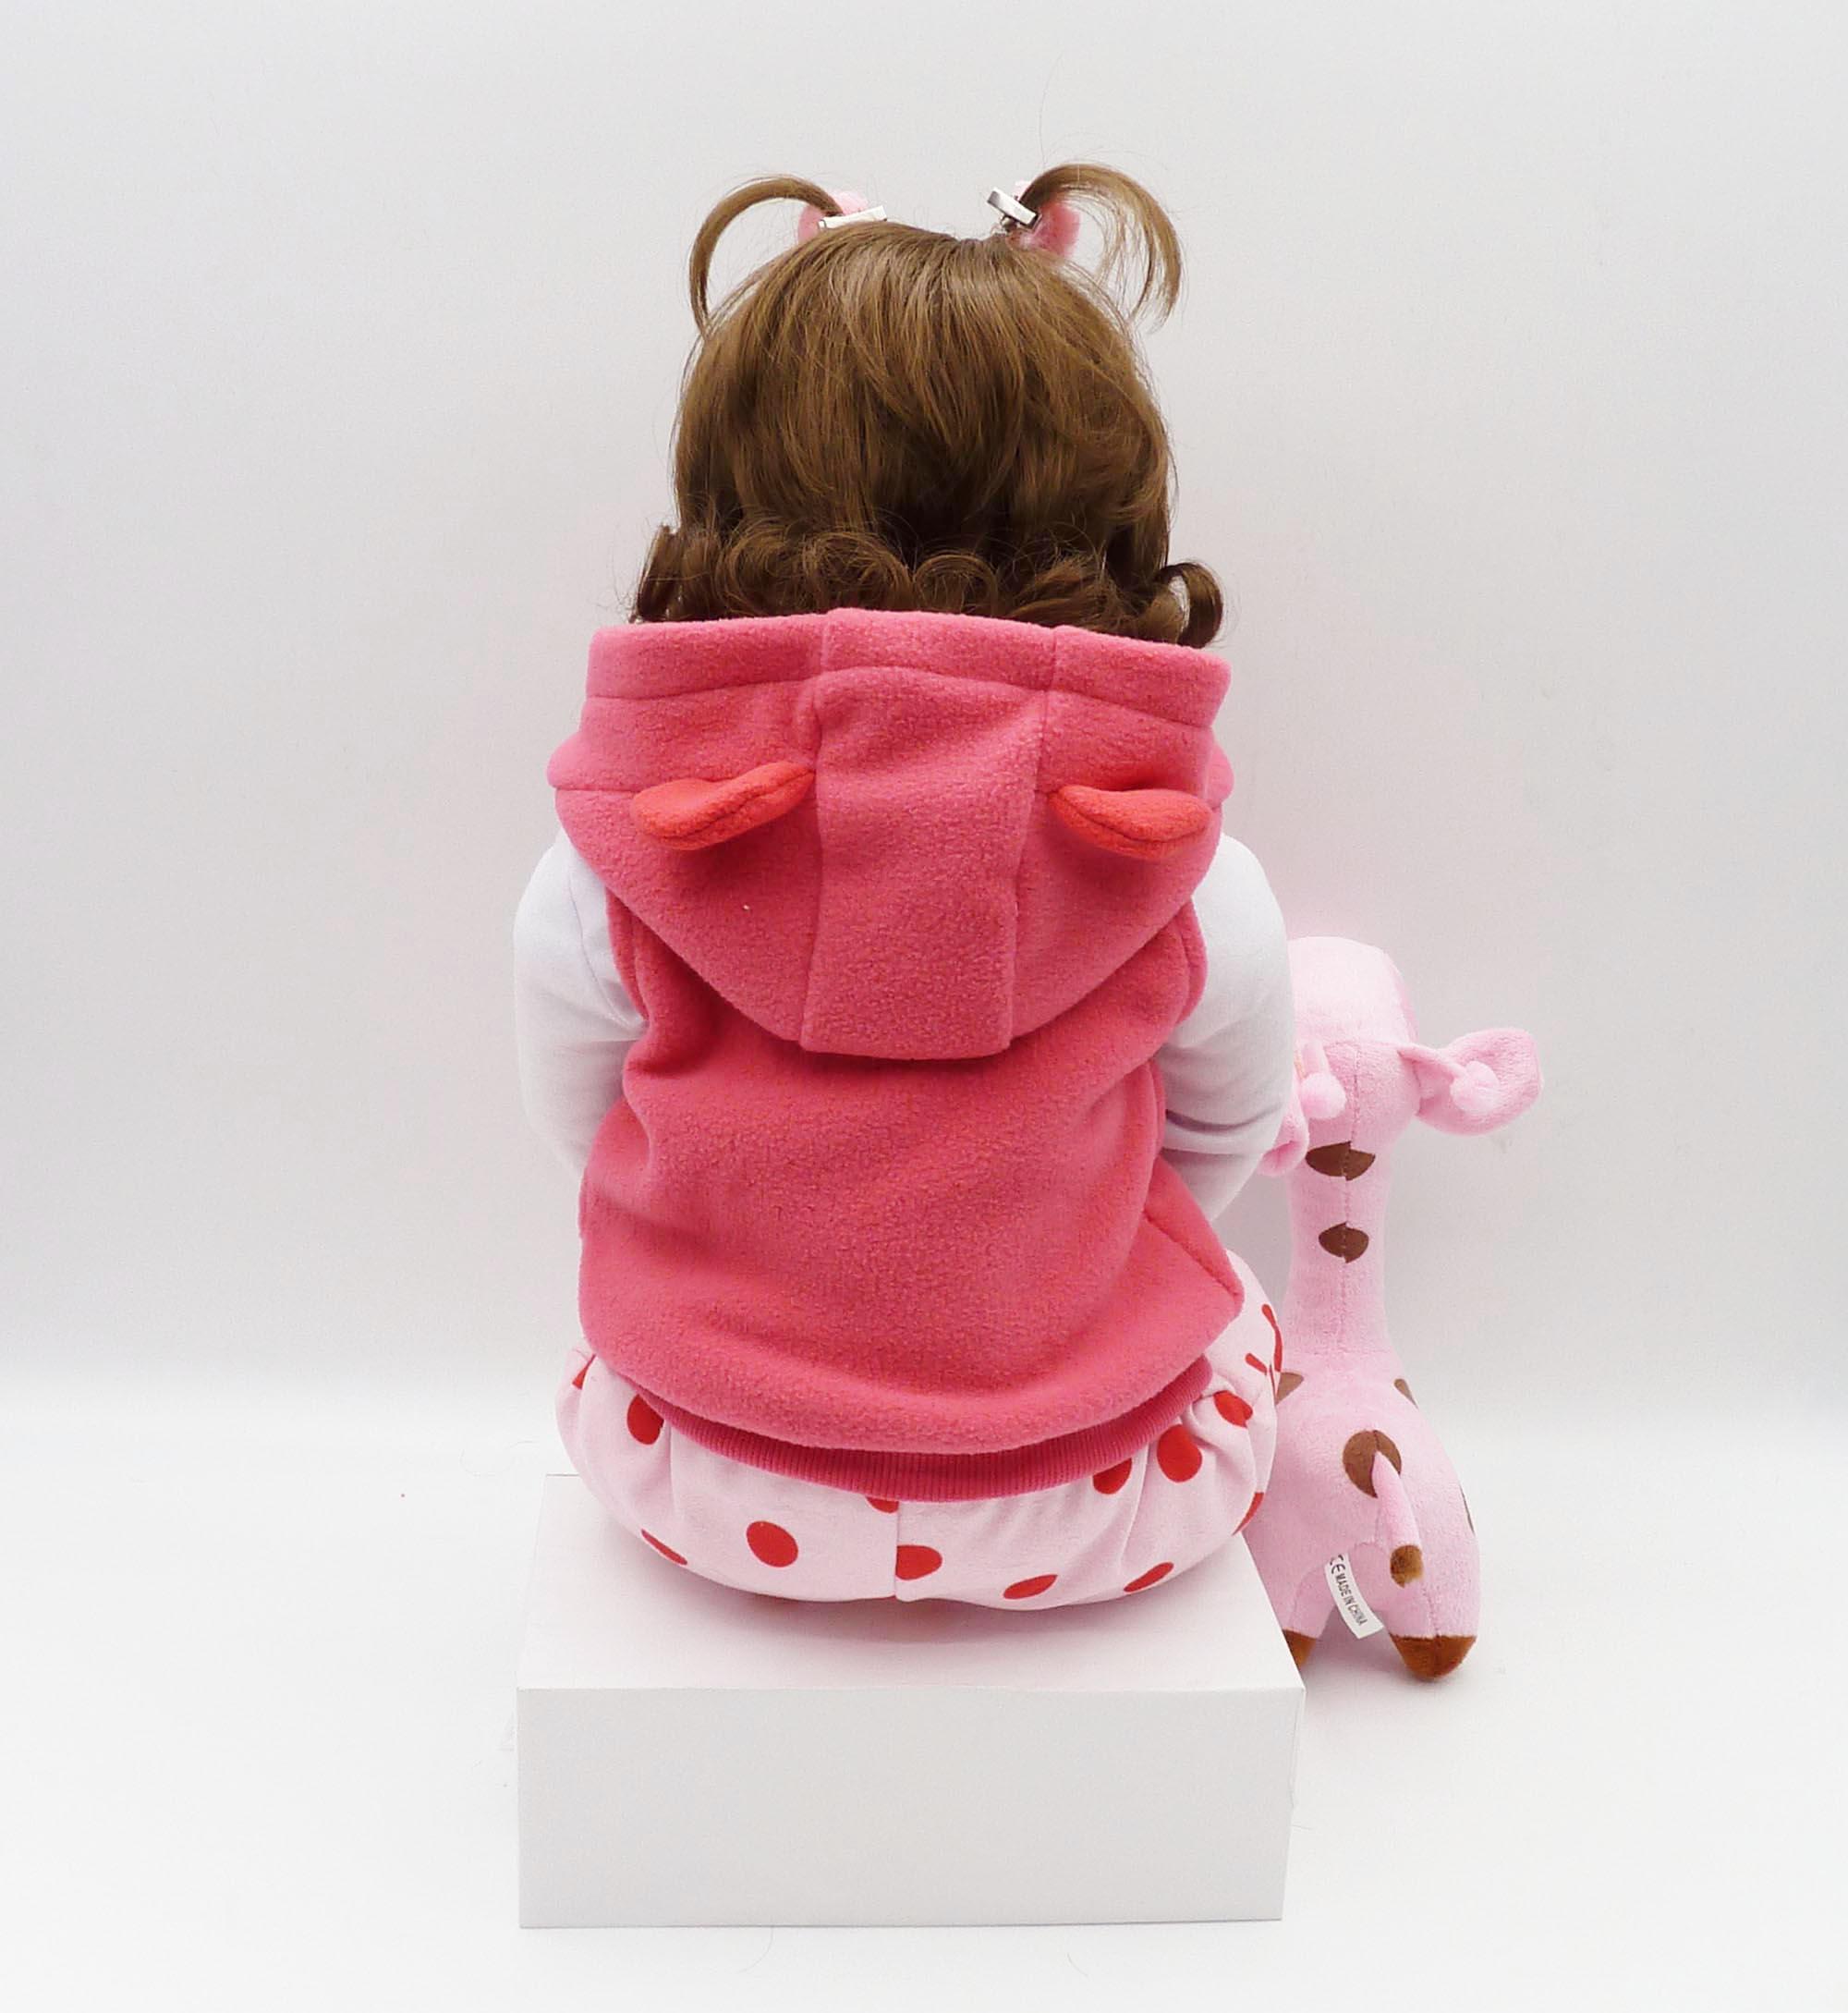 Nouveau-né 19 pouces silicone poupée bebe reborn poupée mignon peluche jouet bébé fille donne à l'enfant le meilleur cadeau d'anniversaire de noël enfant! - 2